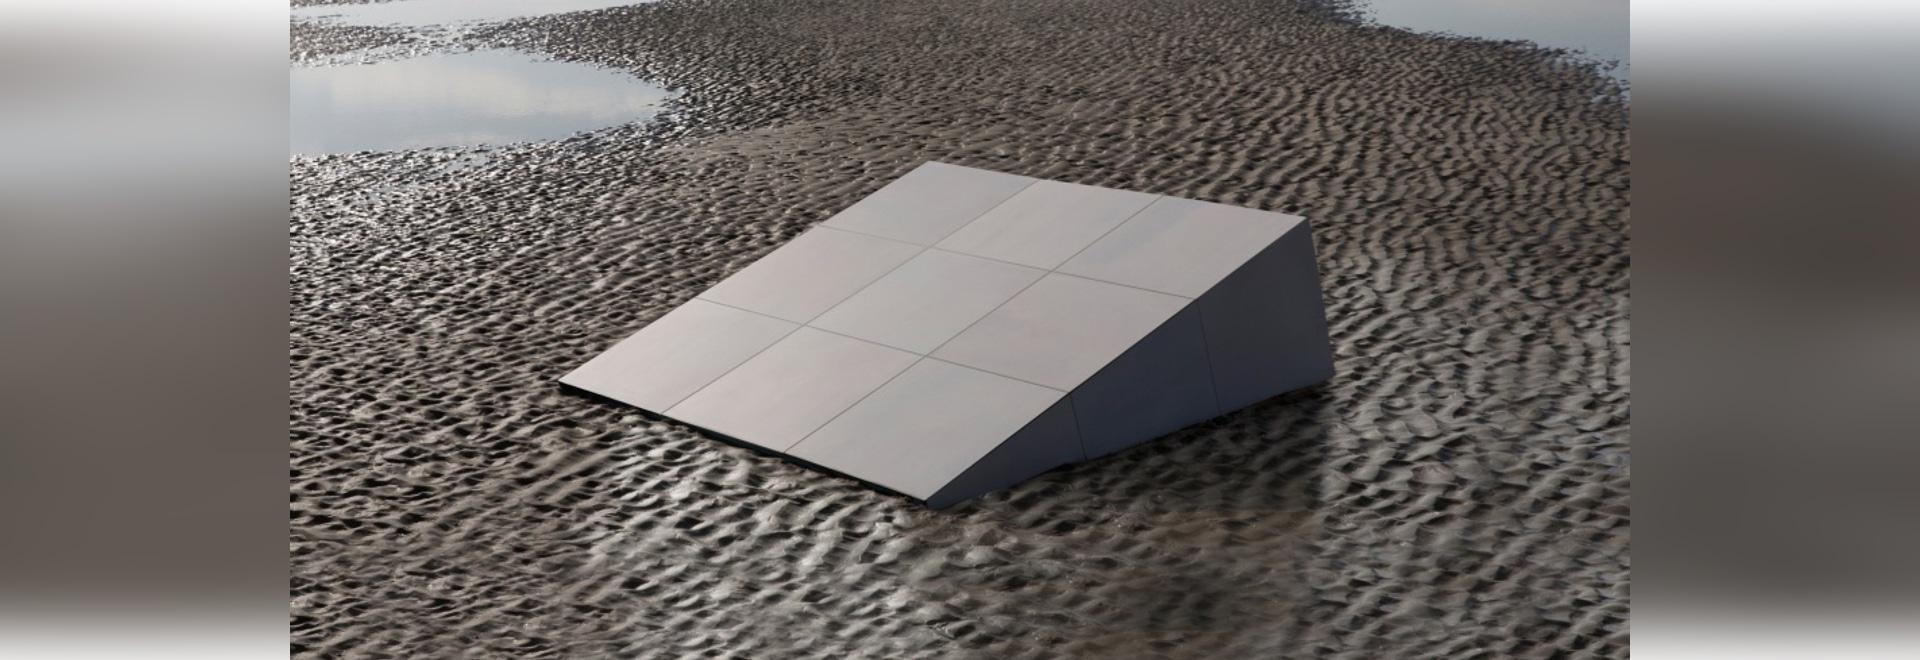 μ [mu] floor tiles.